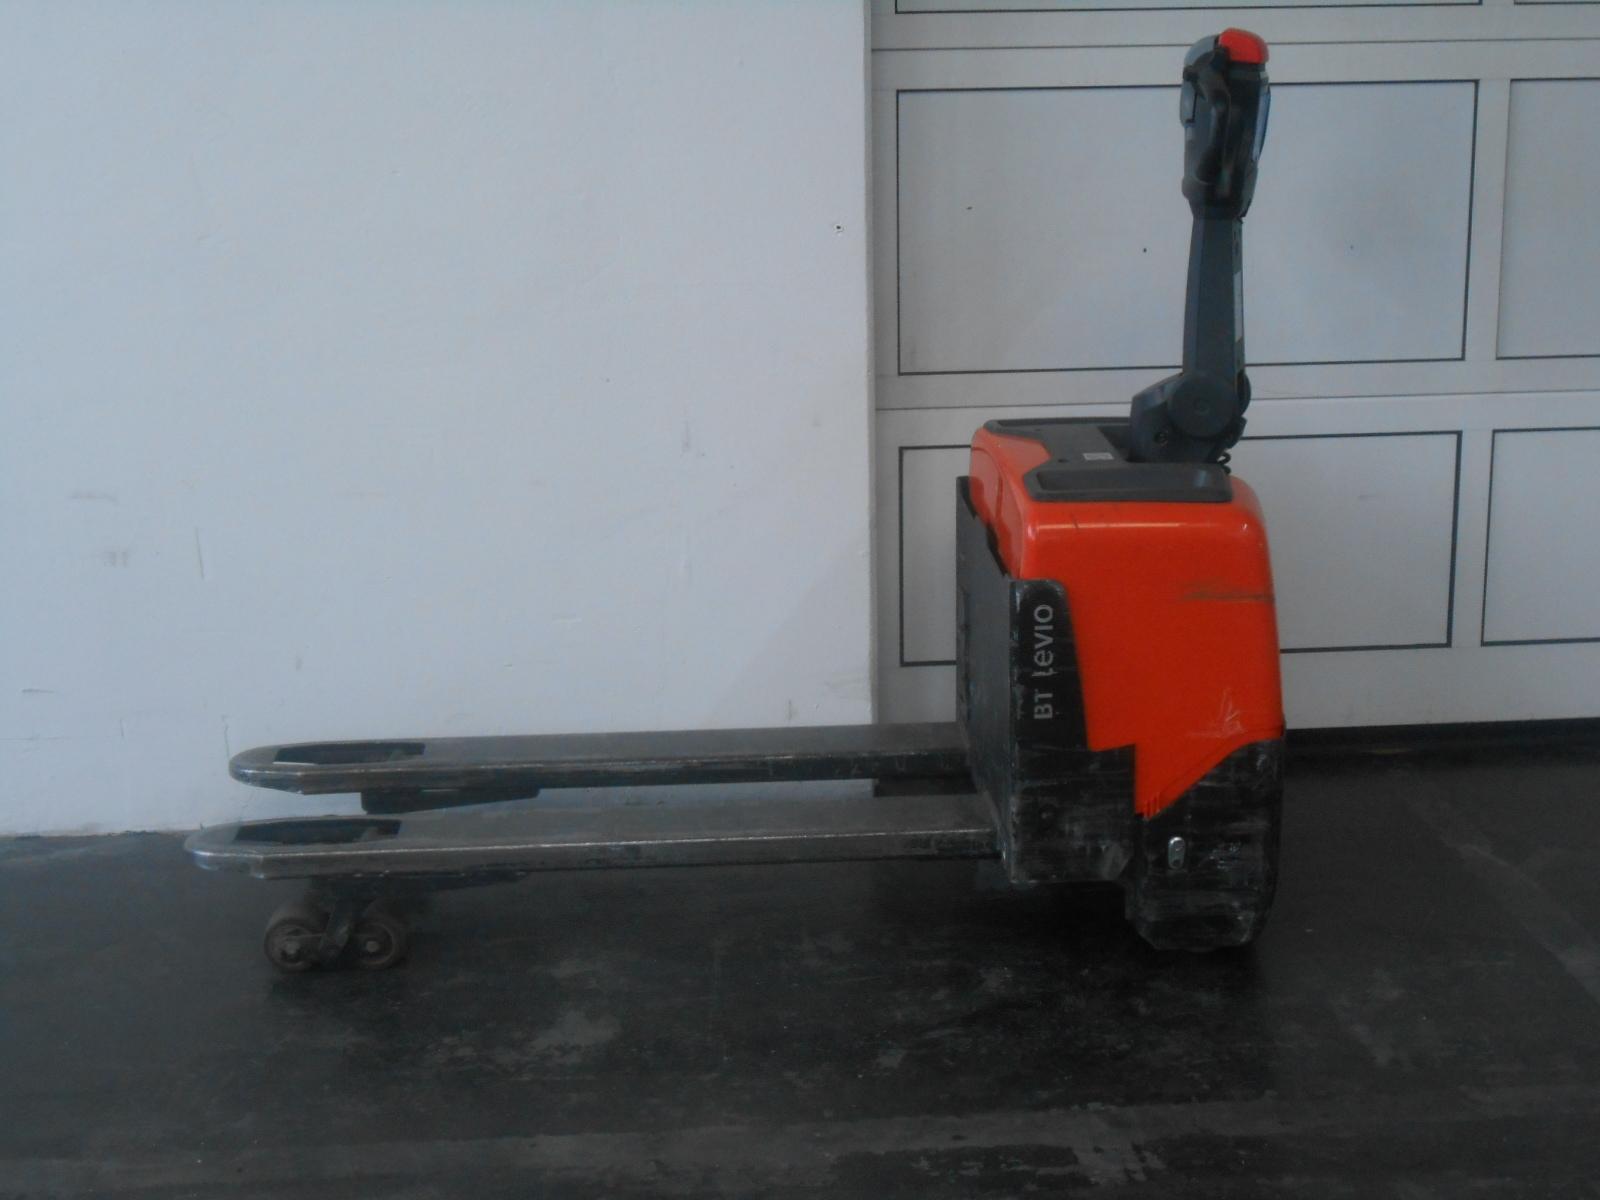 Toyota-Gabelstapler-59840 1804039868 1 76